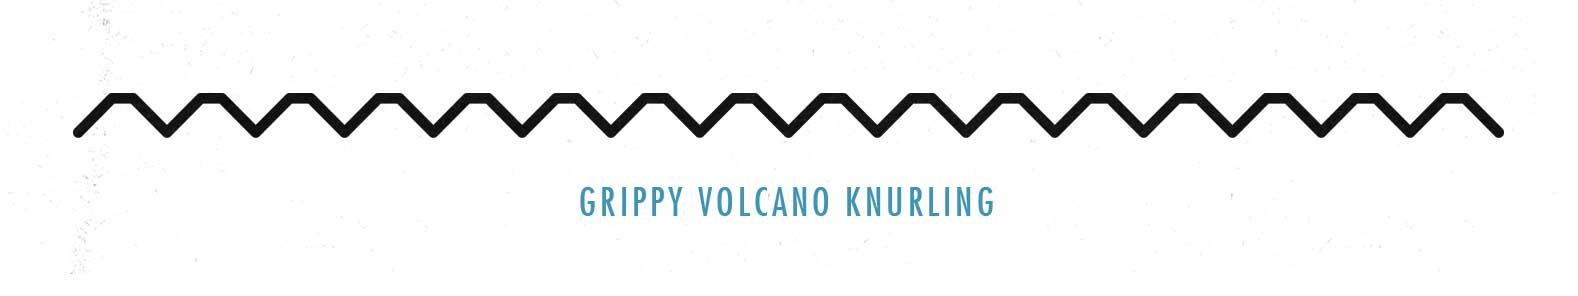 Illustration of volcano barbell knurling.